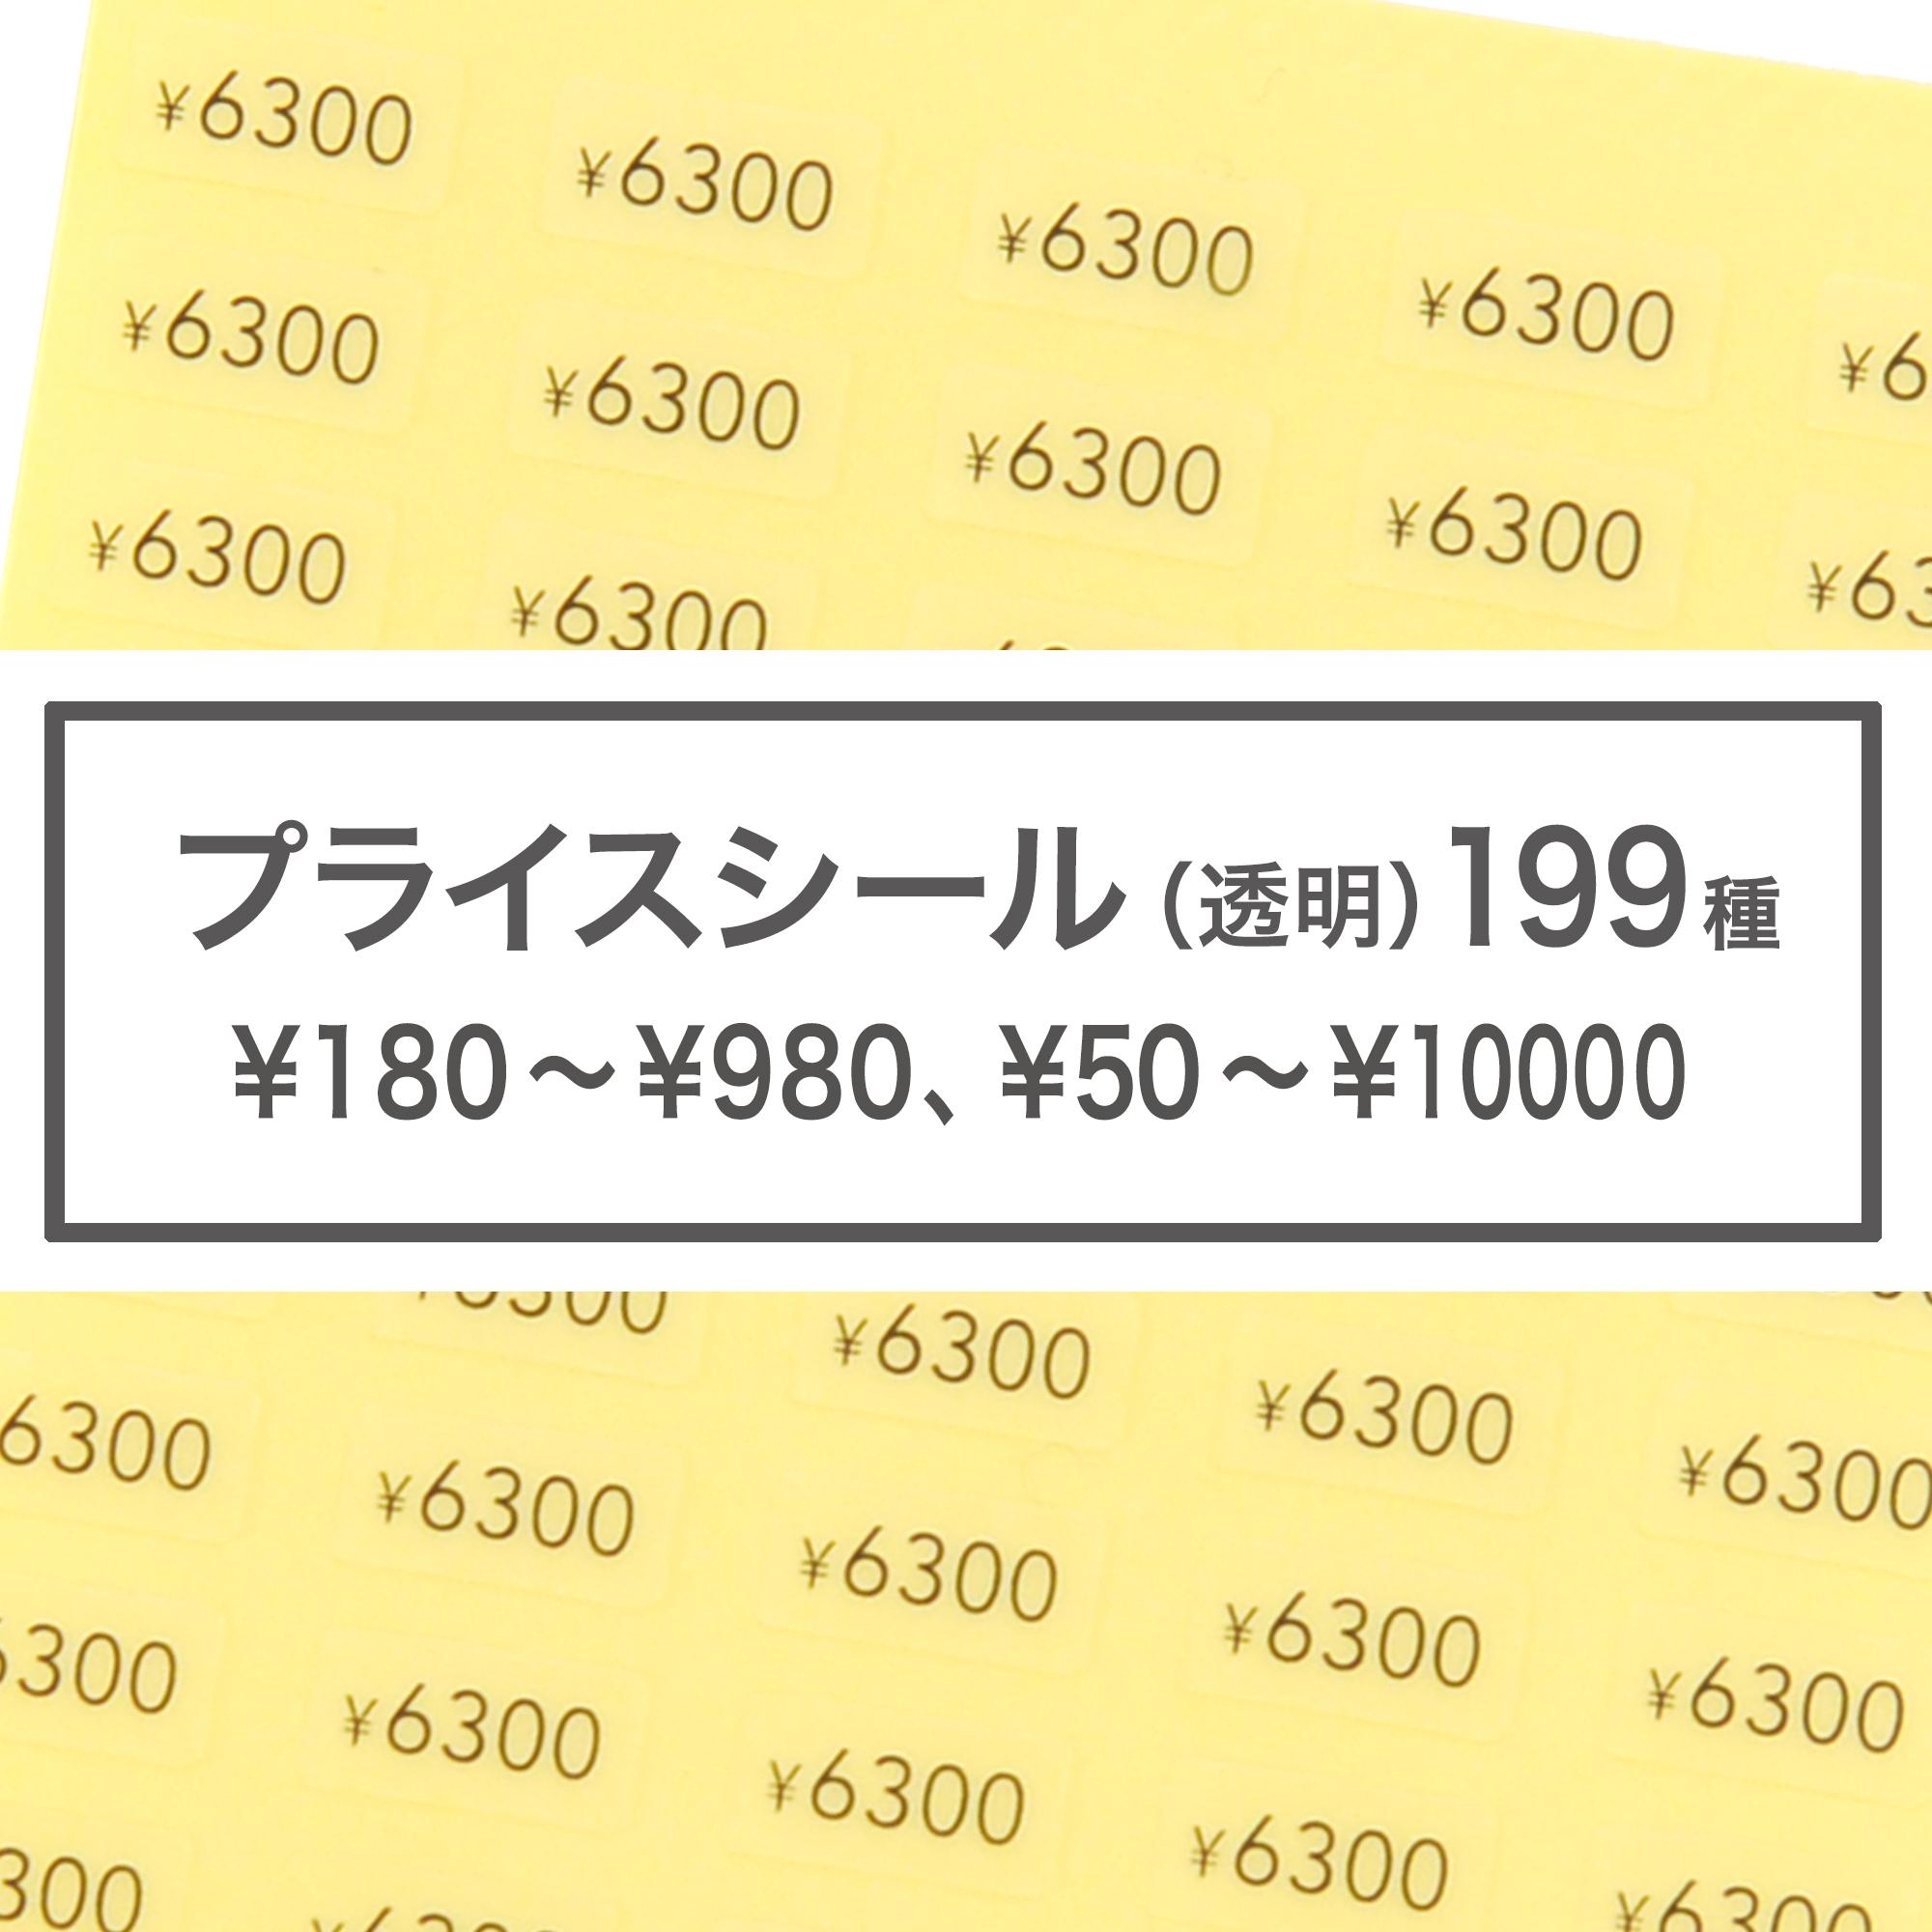 【199種類】プライスシール 10×5mm 250枚 クリア  50円〜1000円(50円刻み)1100円〜10000円(100円刻み)180円 ー 980円